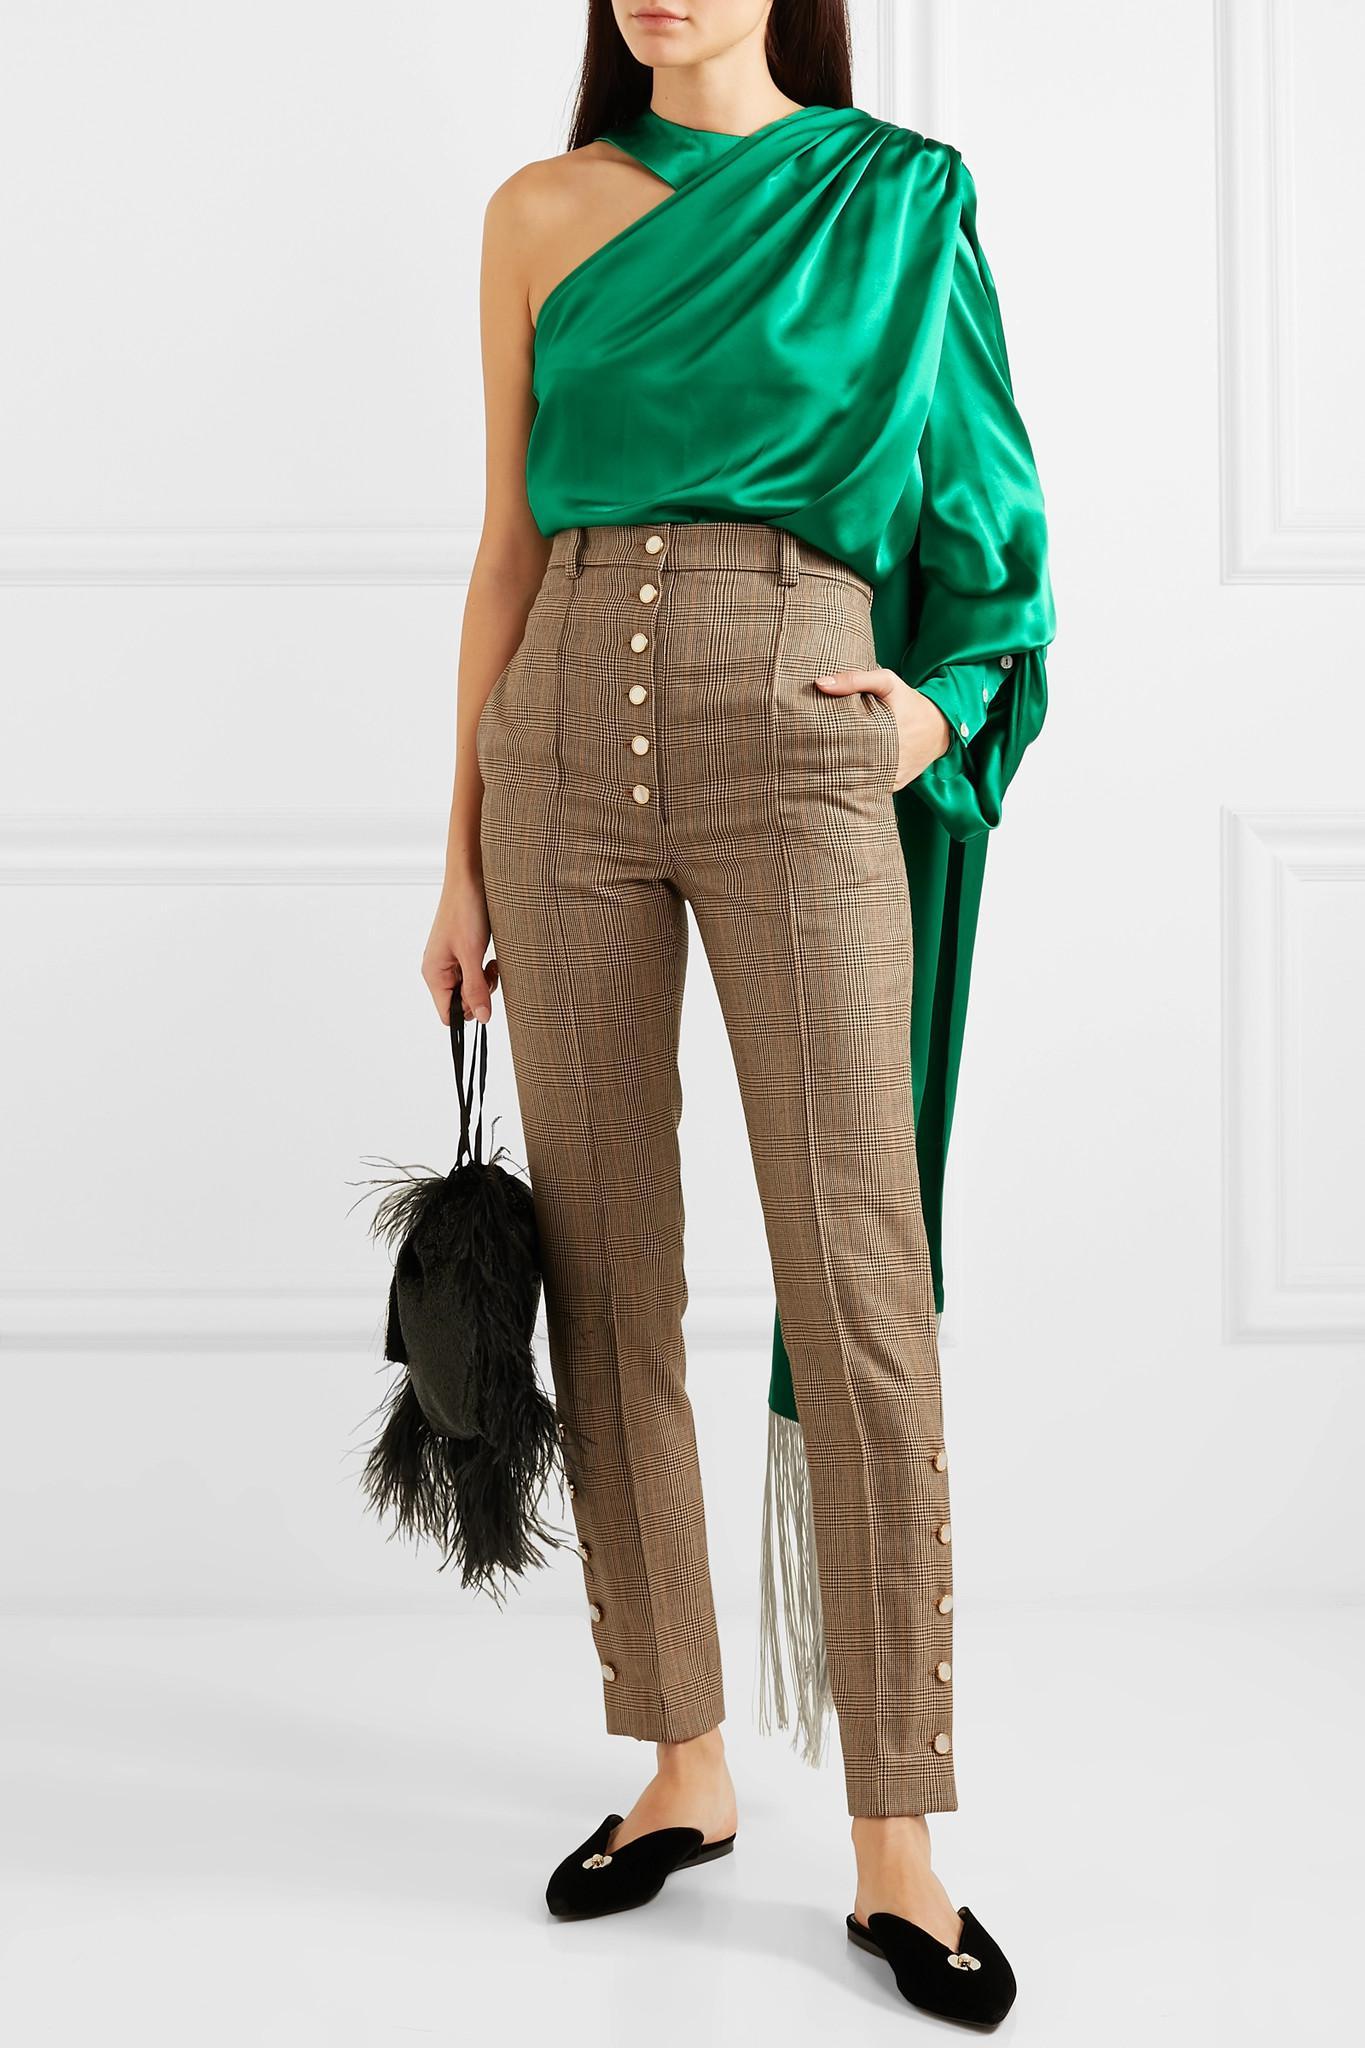 7118cf39a9d5e Hillier Bartley - Green One-shoulder Draped Silk-satin Blouse - Lyst. View  fullscreen